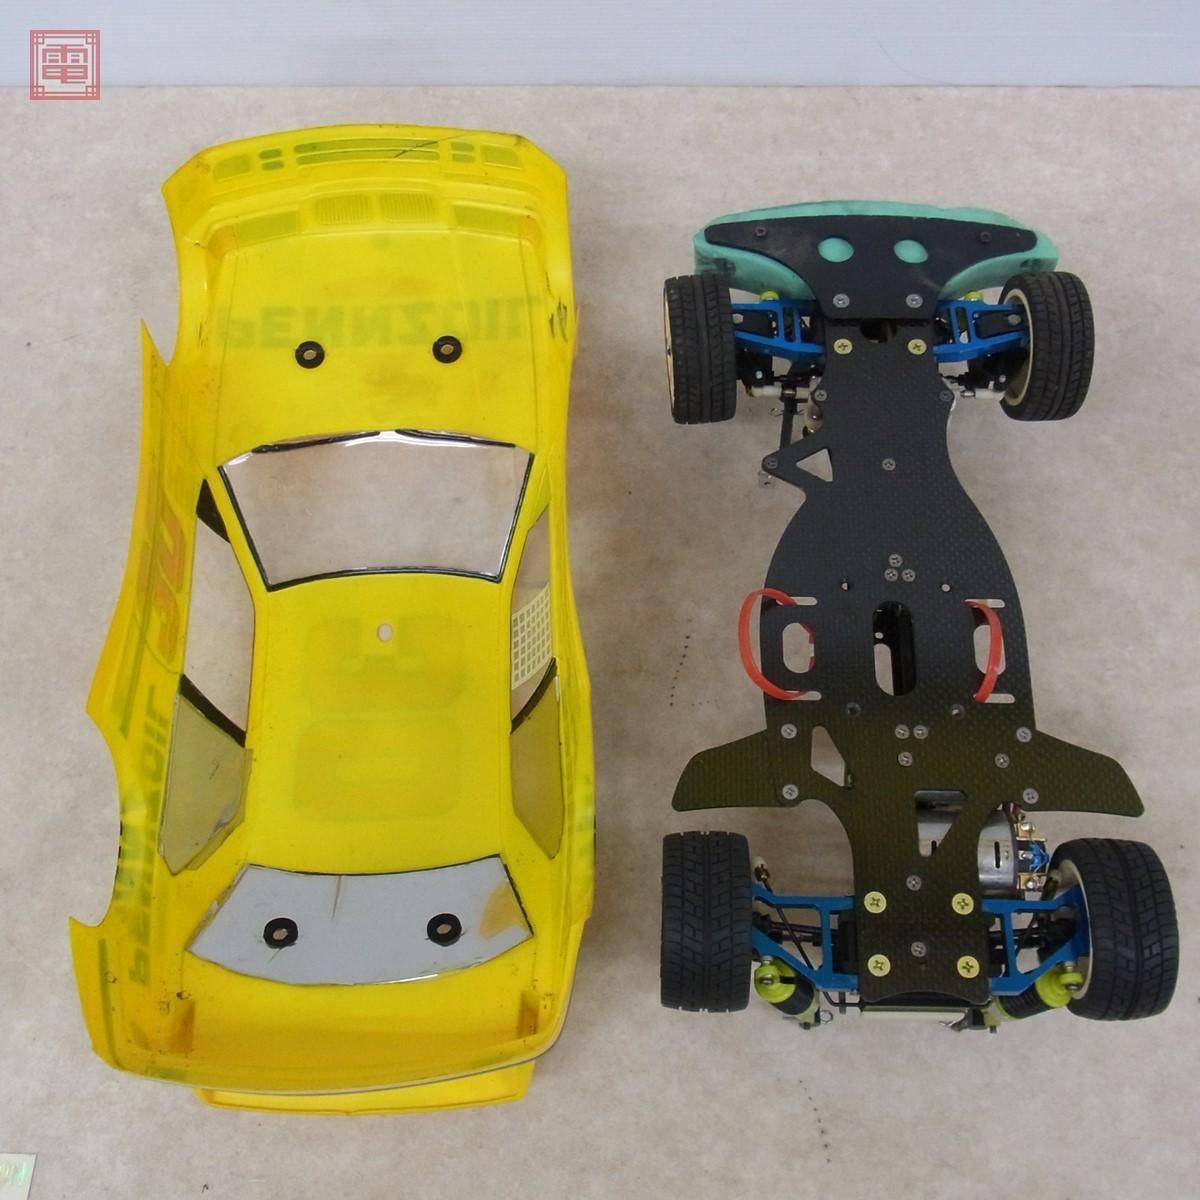 ヨコモ/HPI 1/10 スーパーツーリング&GT 4WD YR-4/スペアボディセット まとめてset RC ラジコンパーツ YOKOMO 未検品 ジャンク【40_画像10